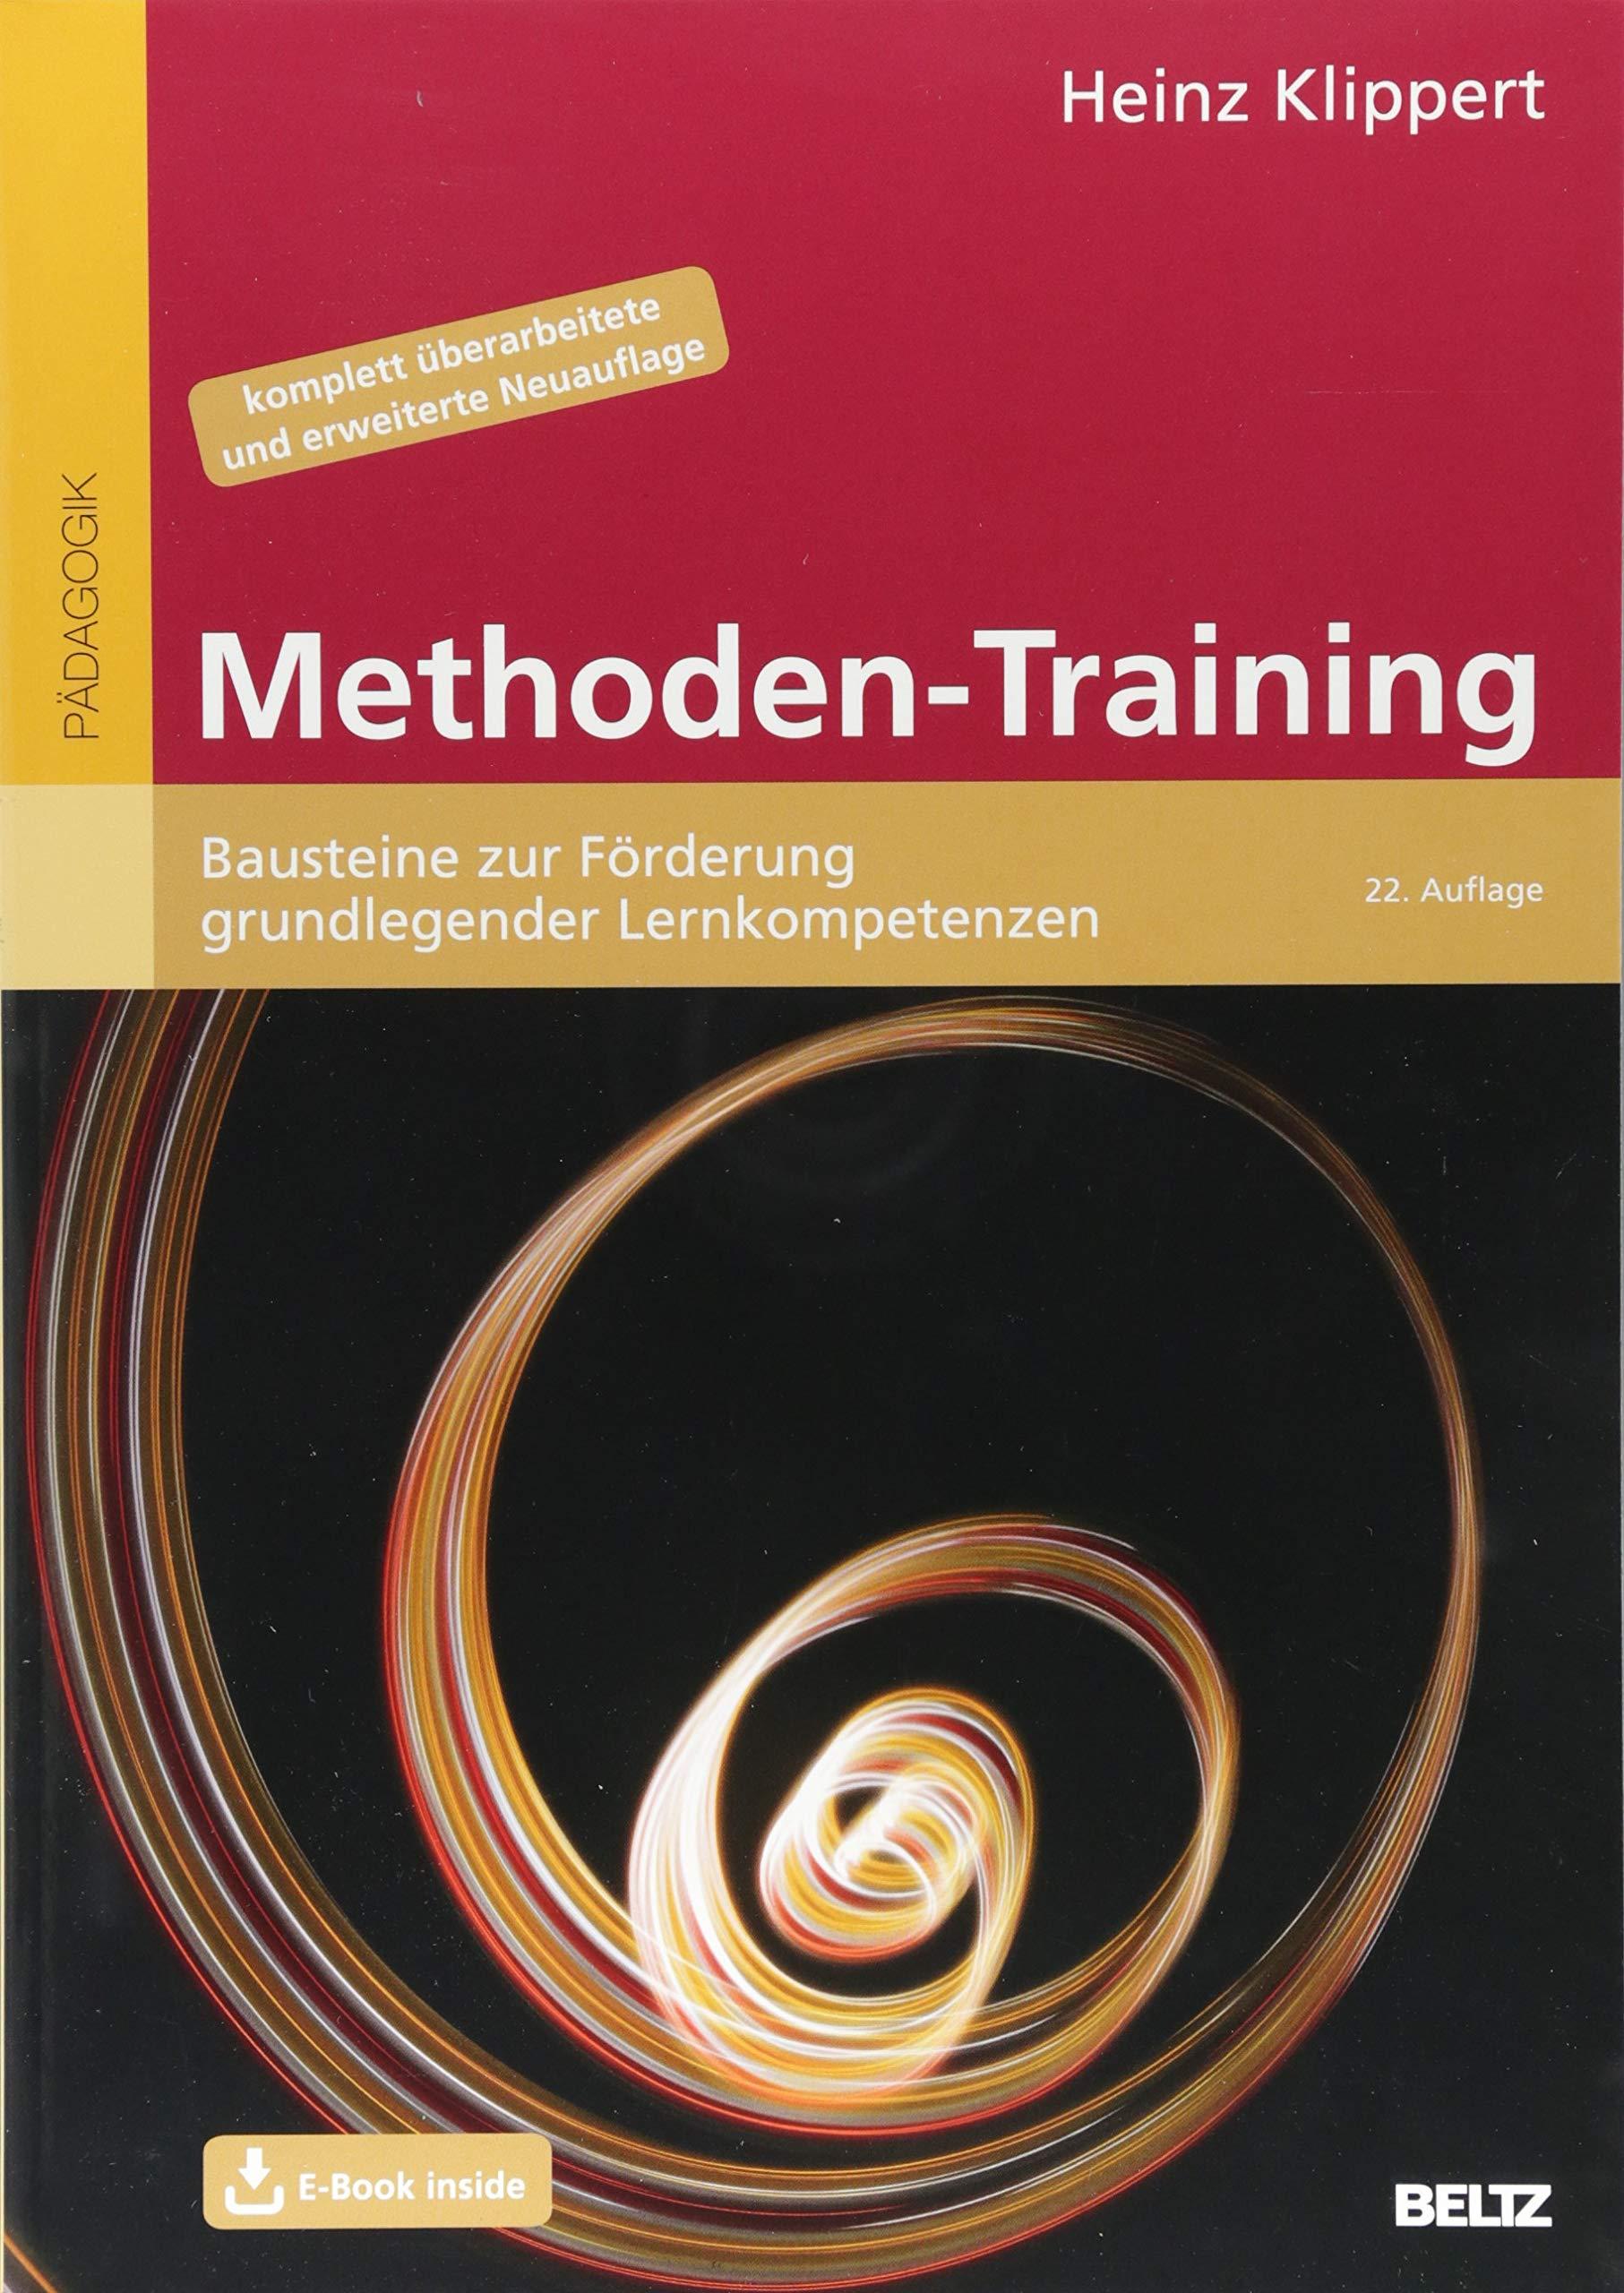 Methoden-Training: Bausteine zur Förderung grundlegender Lernkompetenzen. Mit E-Book inside (Beltz Praxis)